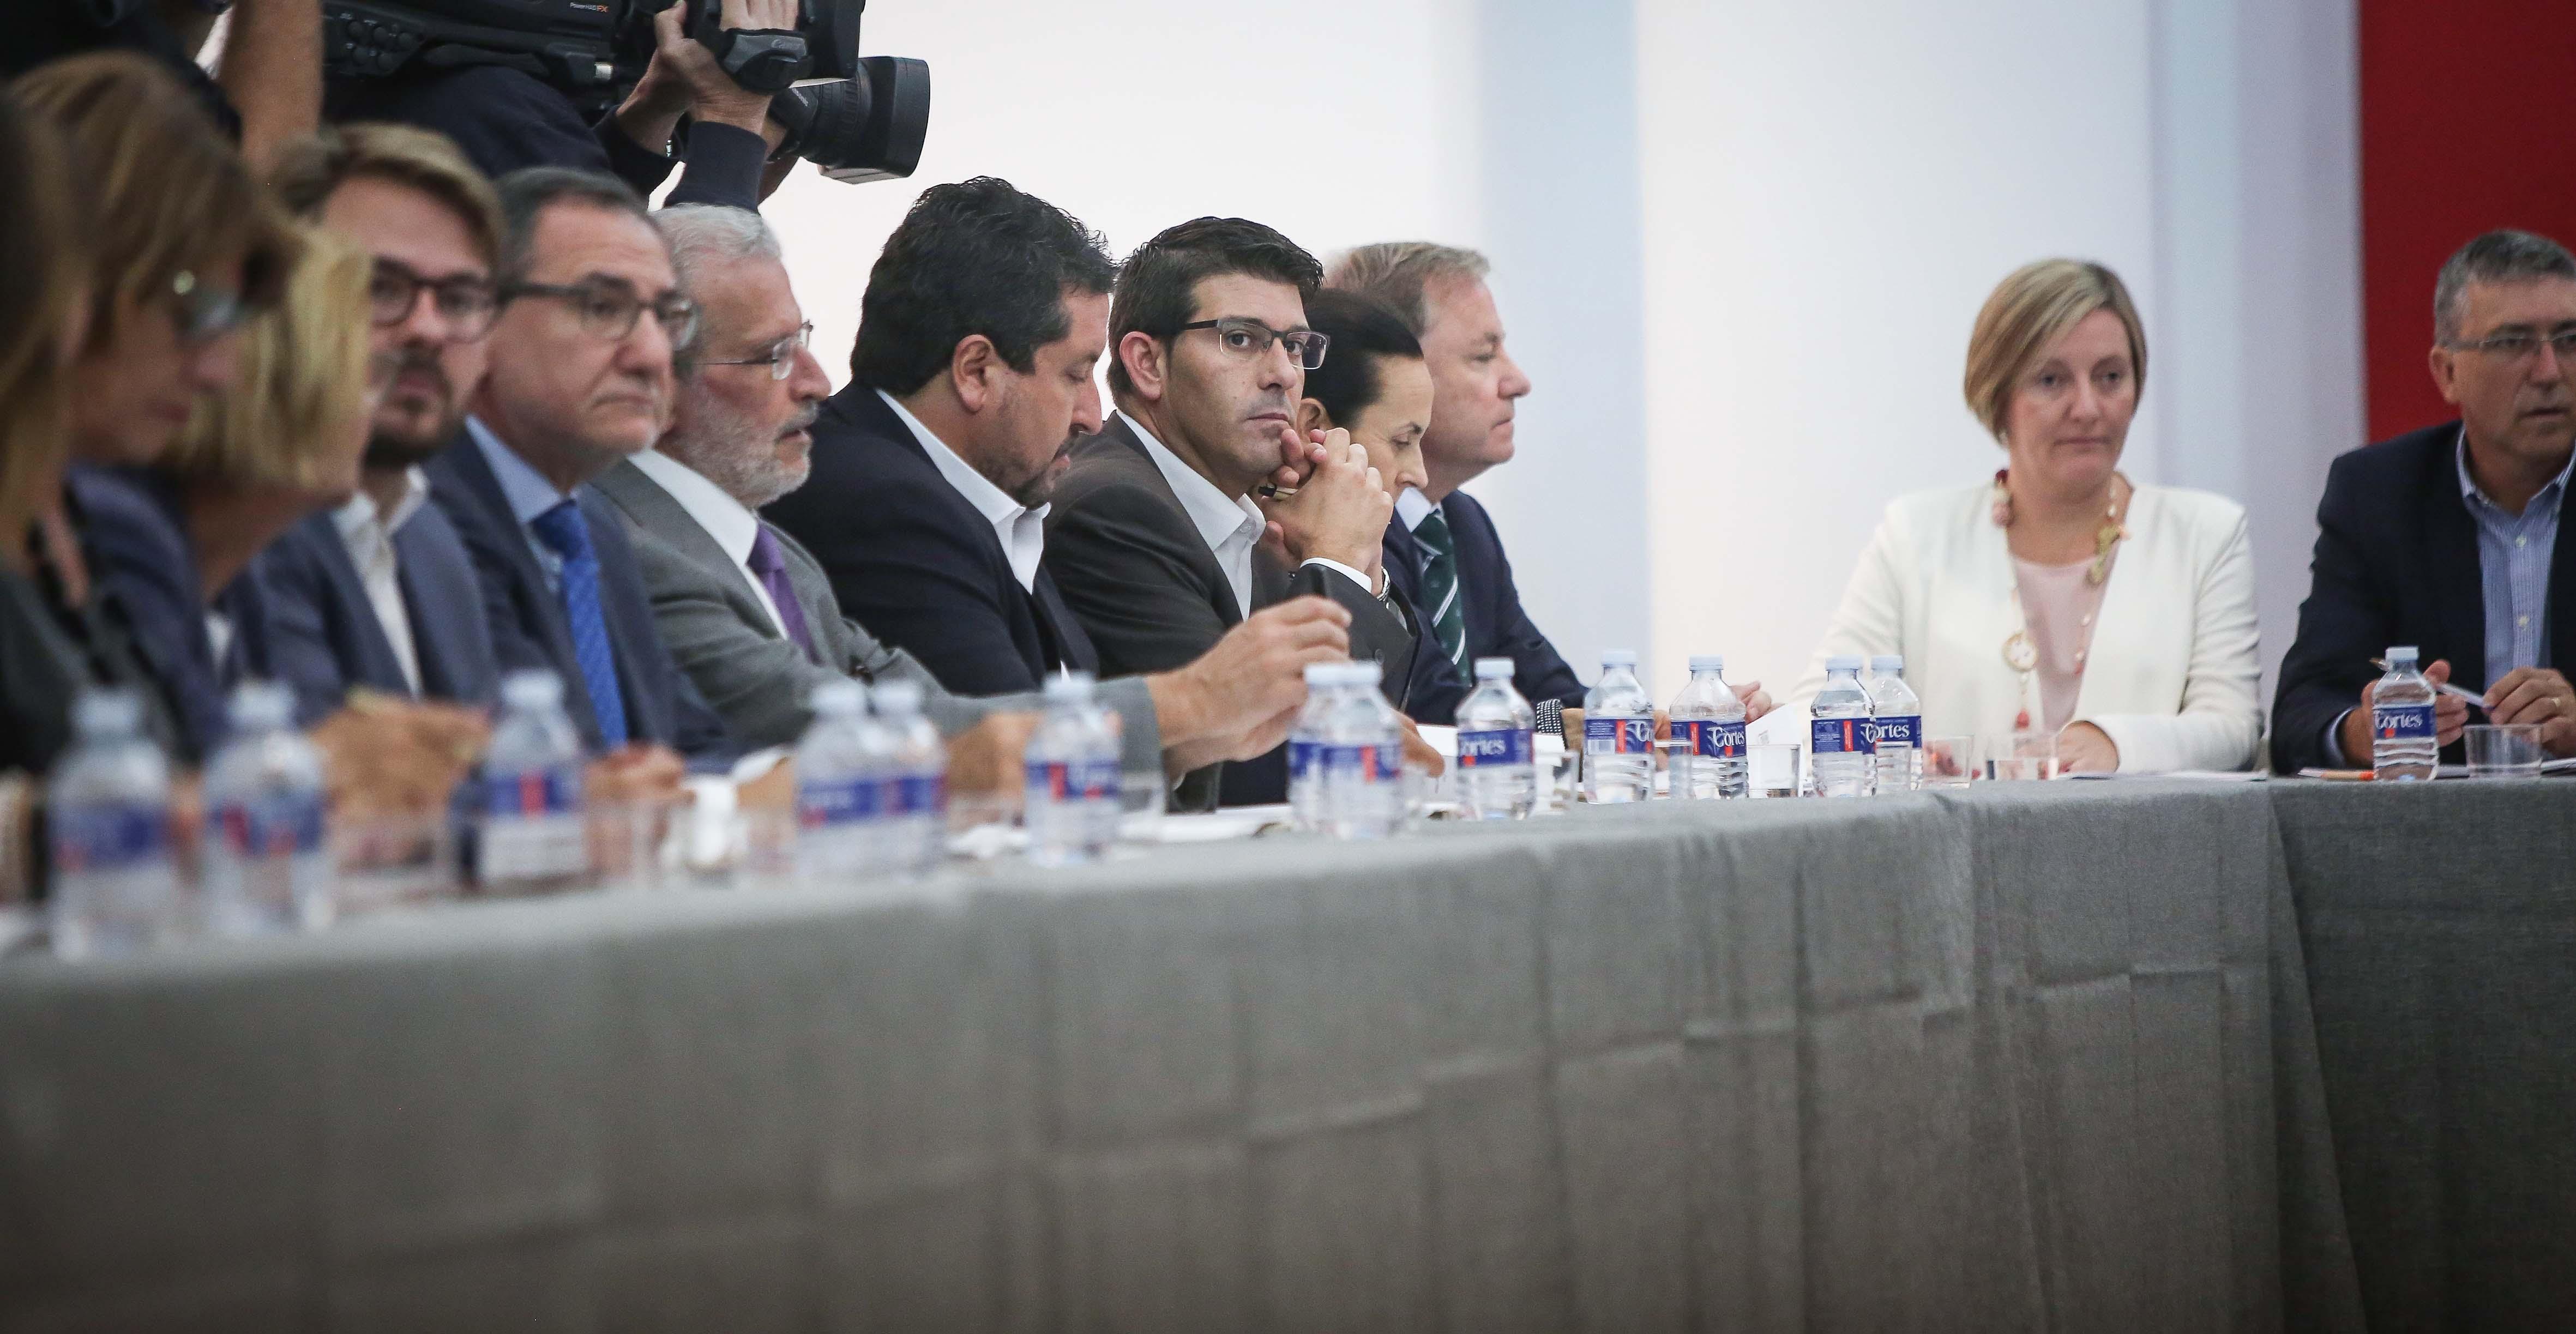 El presidente de la Diputación, Jorge Rodríguez, durante el desarrollo de la reunión.